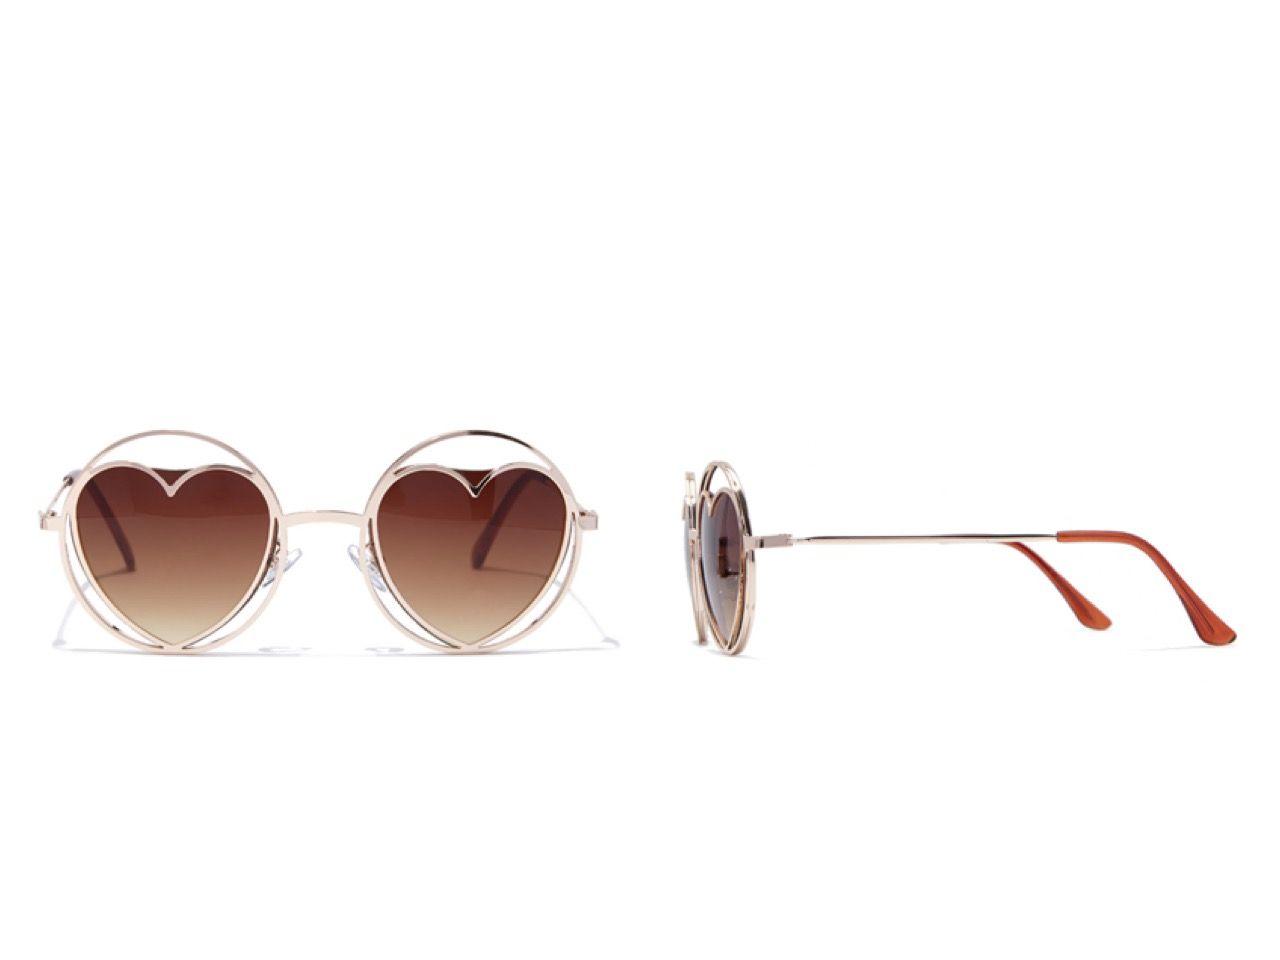 PEDIDOS SOLO POR ENCARGO #Forever21 Código: FA-52 Round Cutout Heart Sunglasses Color: Gold/brown  Precio: ₡9.000 ($16,61)  Información y consultas Viber (506)8963-3317, escribir al inbox o maya.boutique@hotmail.com. Envíos a todo el país.